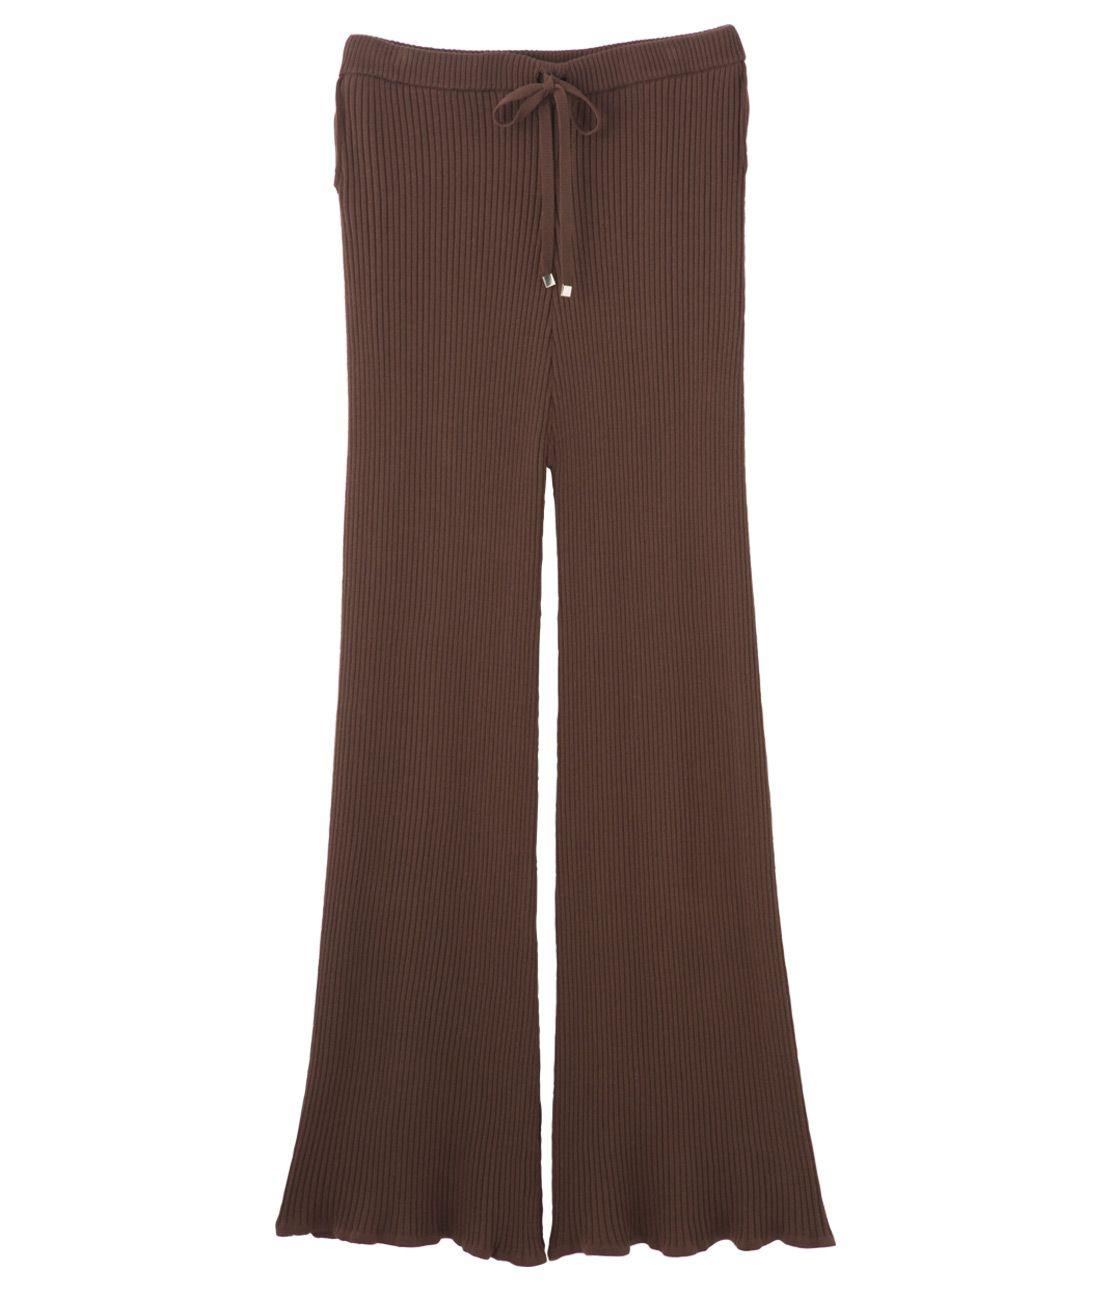 Rib knit wide pants